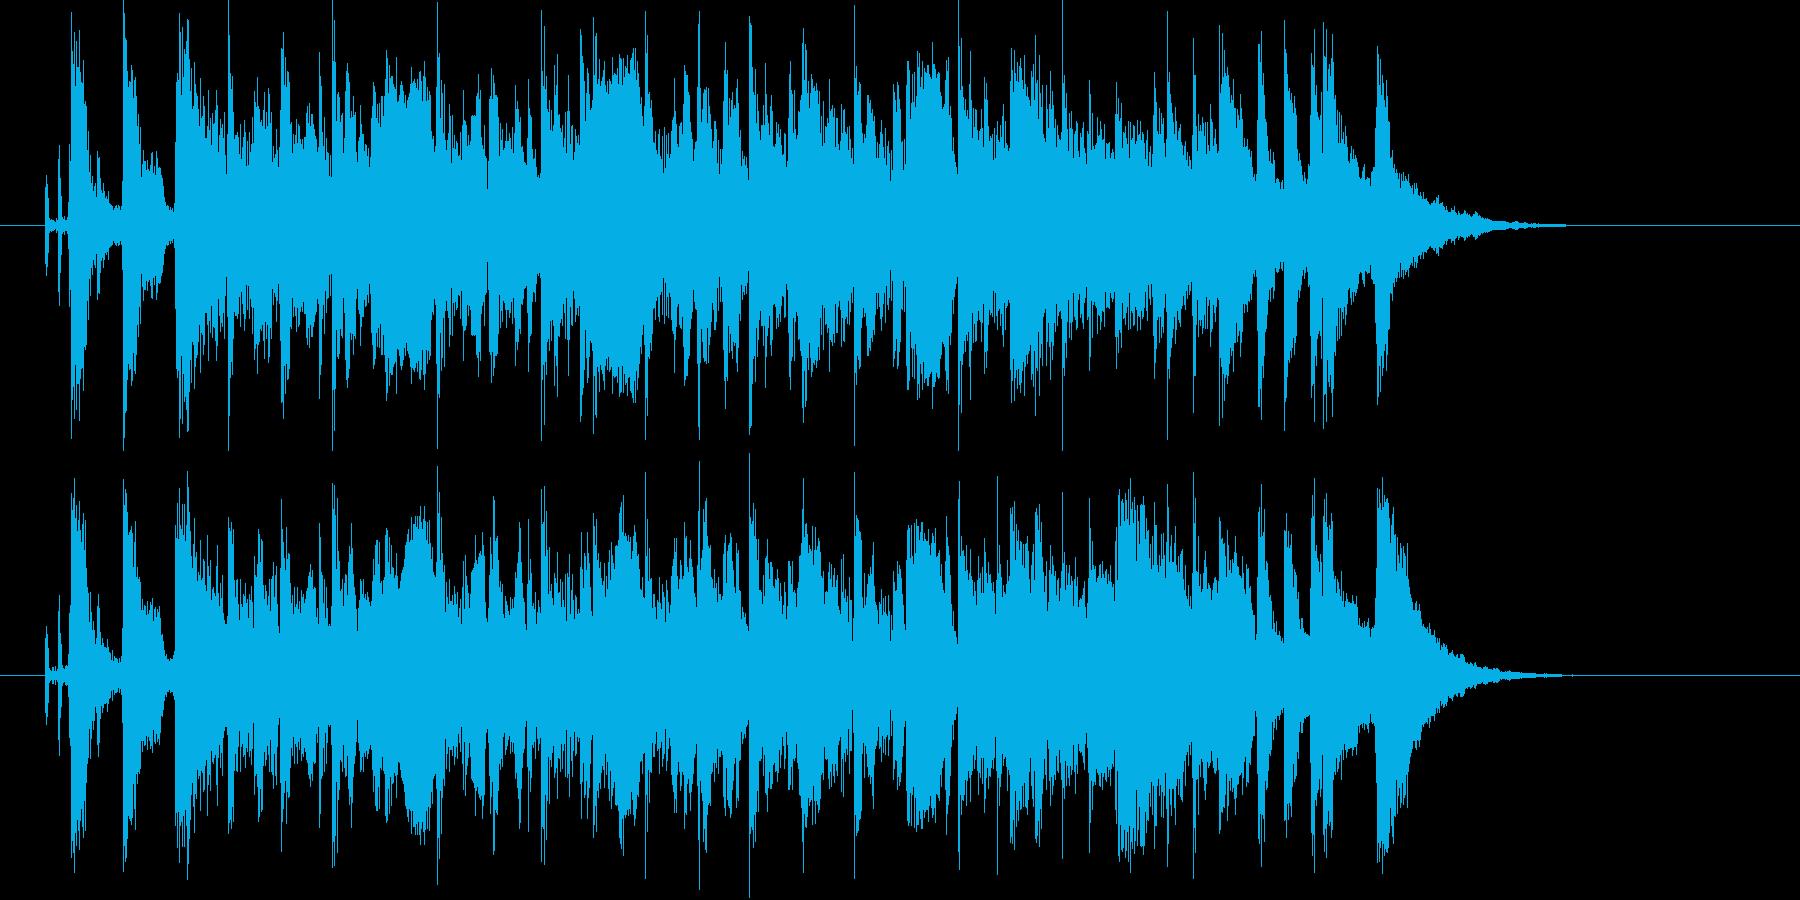 広がりのあるポップな曲の再生済みの波形